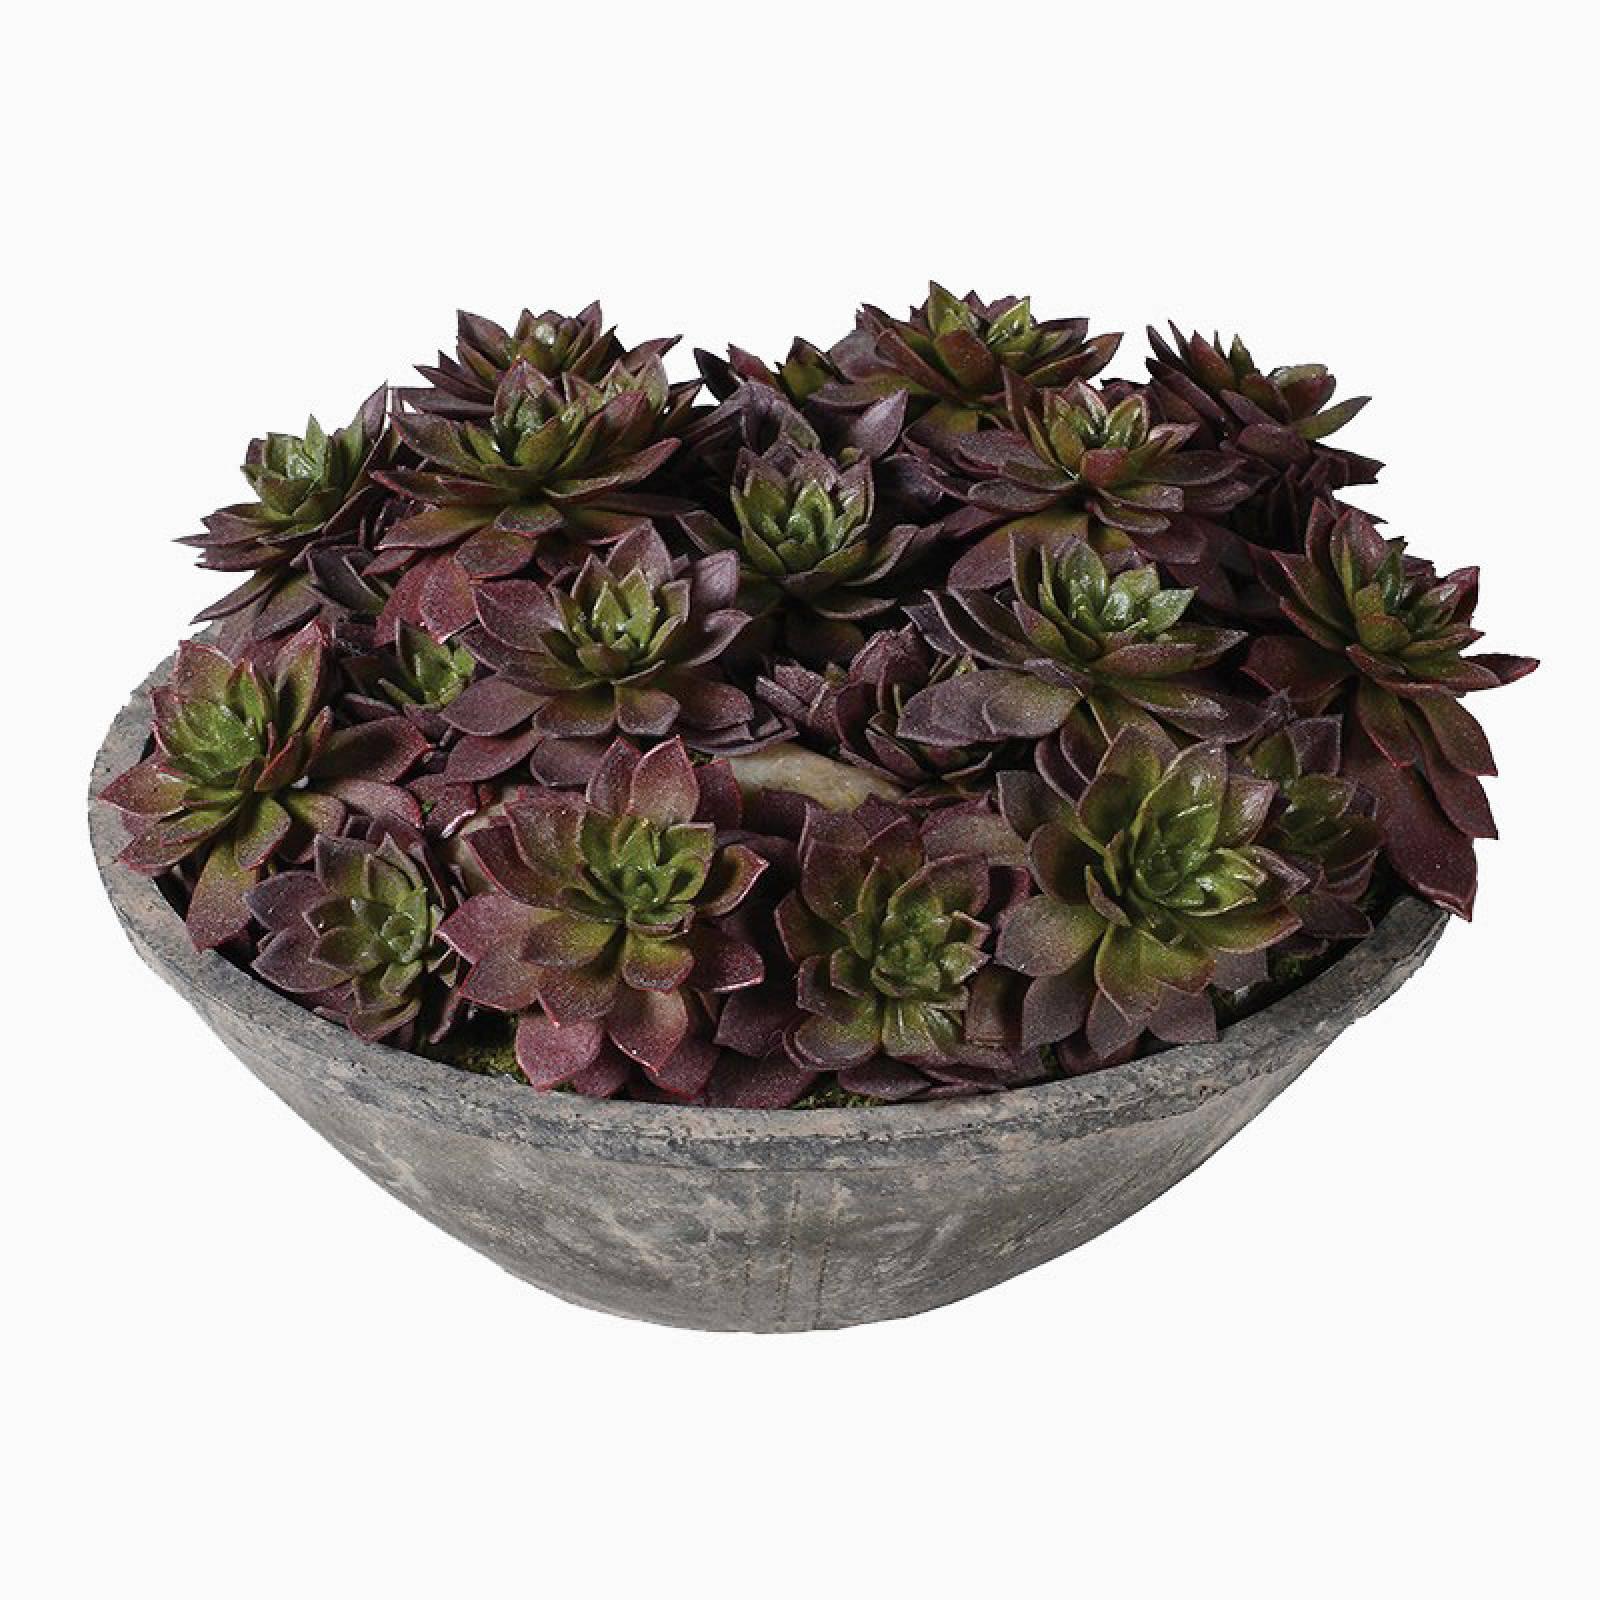 Echeveria Artificial Succulent Plants In Cement Bowl thumbnails